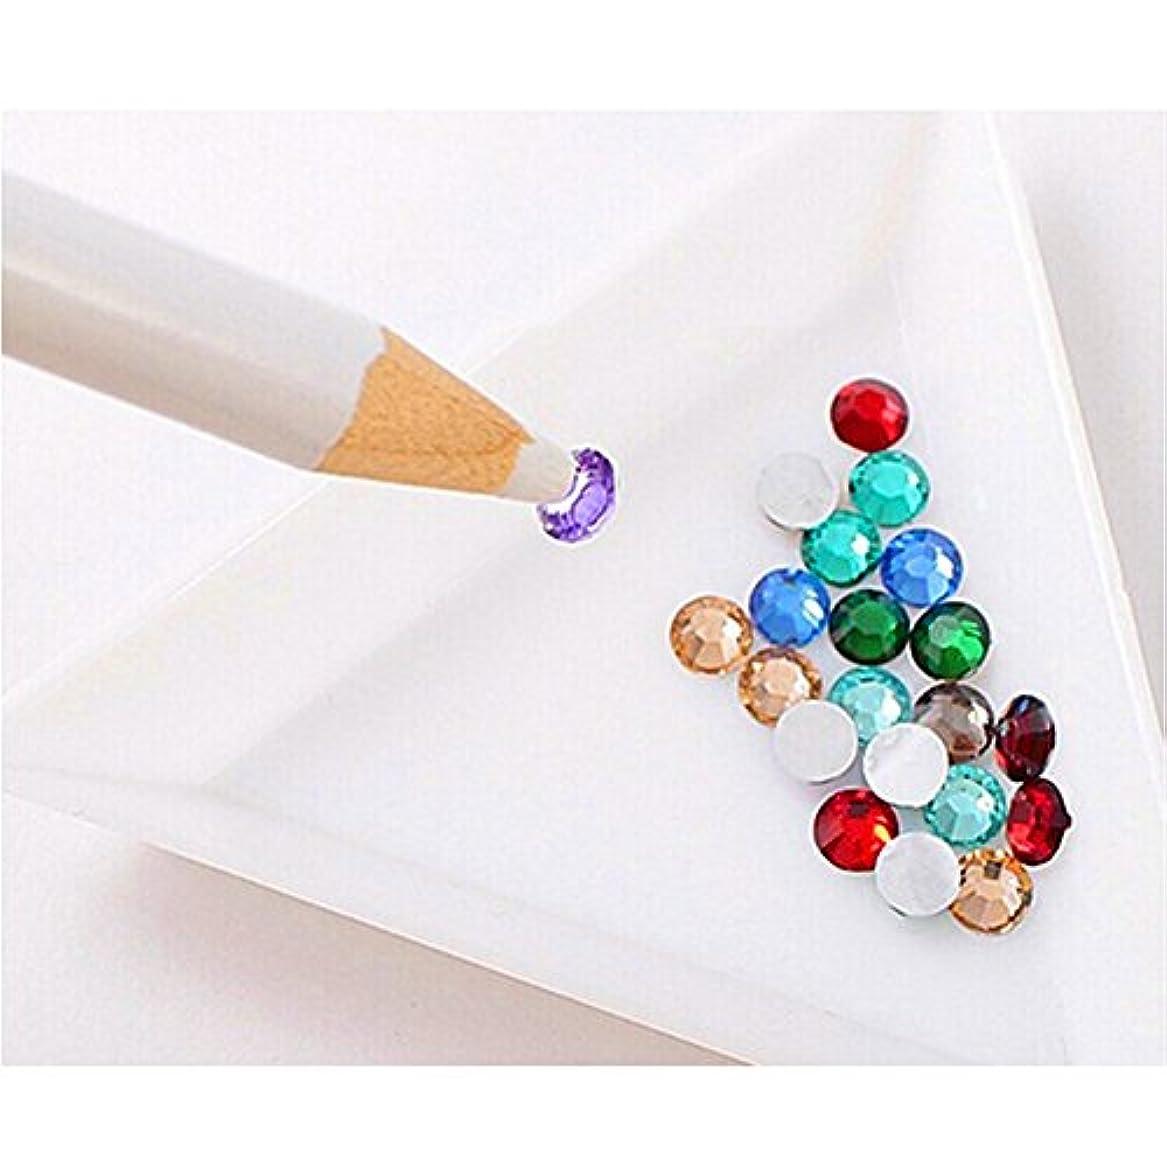 起業家冷酷なブレンド(ビュティー)Biutee ラインストーン 鉛筆 ネイルアート ツール ワックス ホワイト ペン 宝石 クリスタル マジカルペン(2本セット)